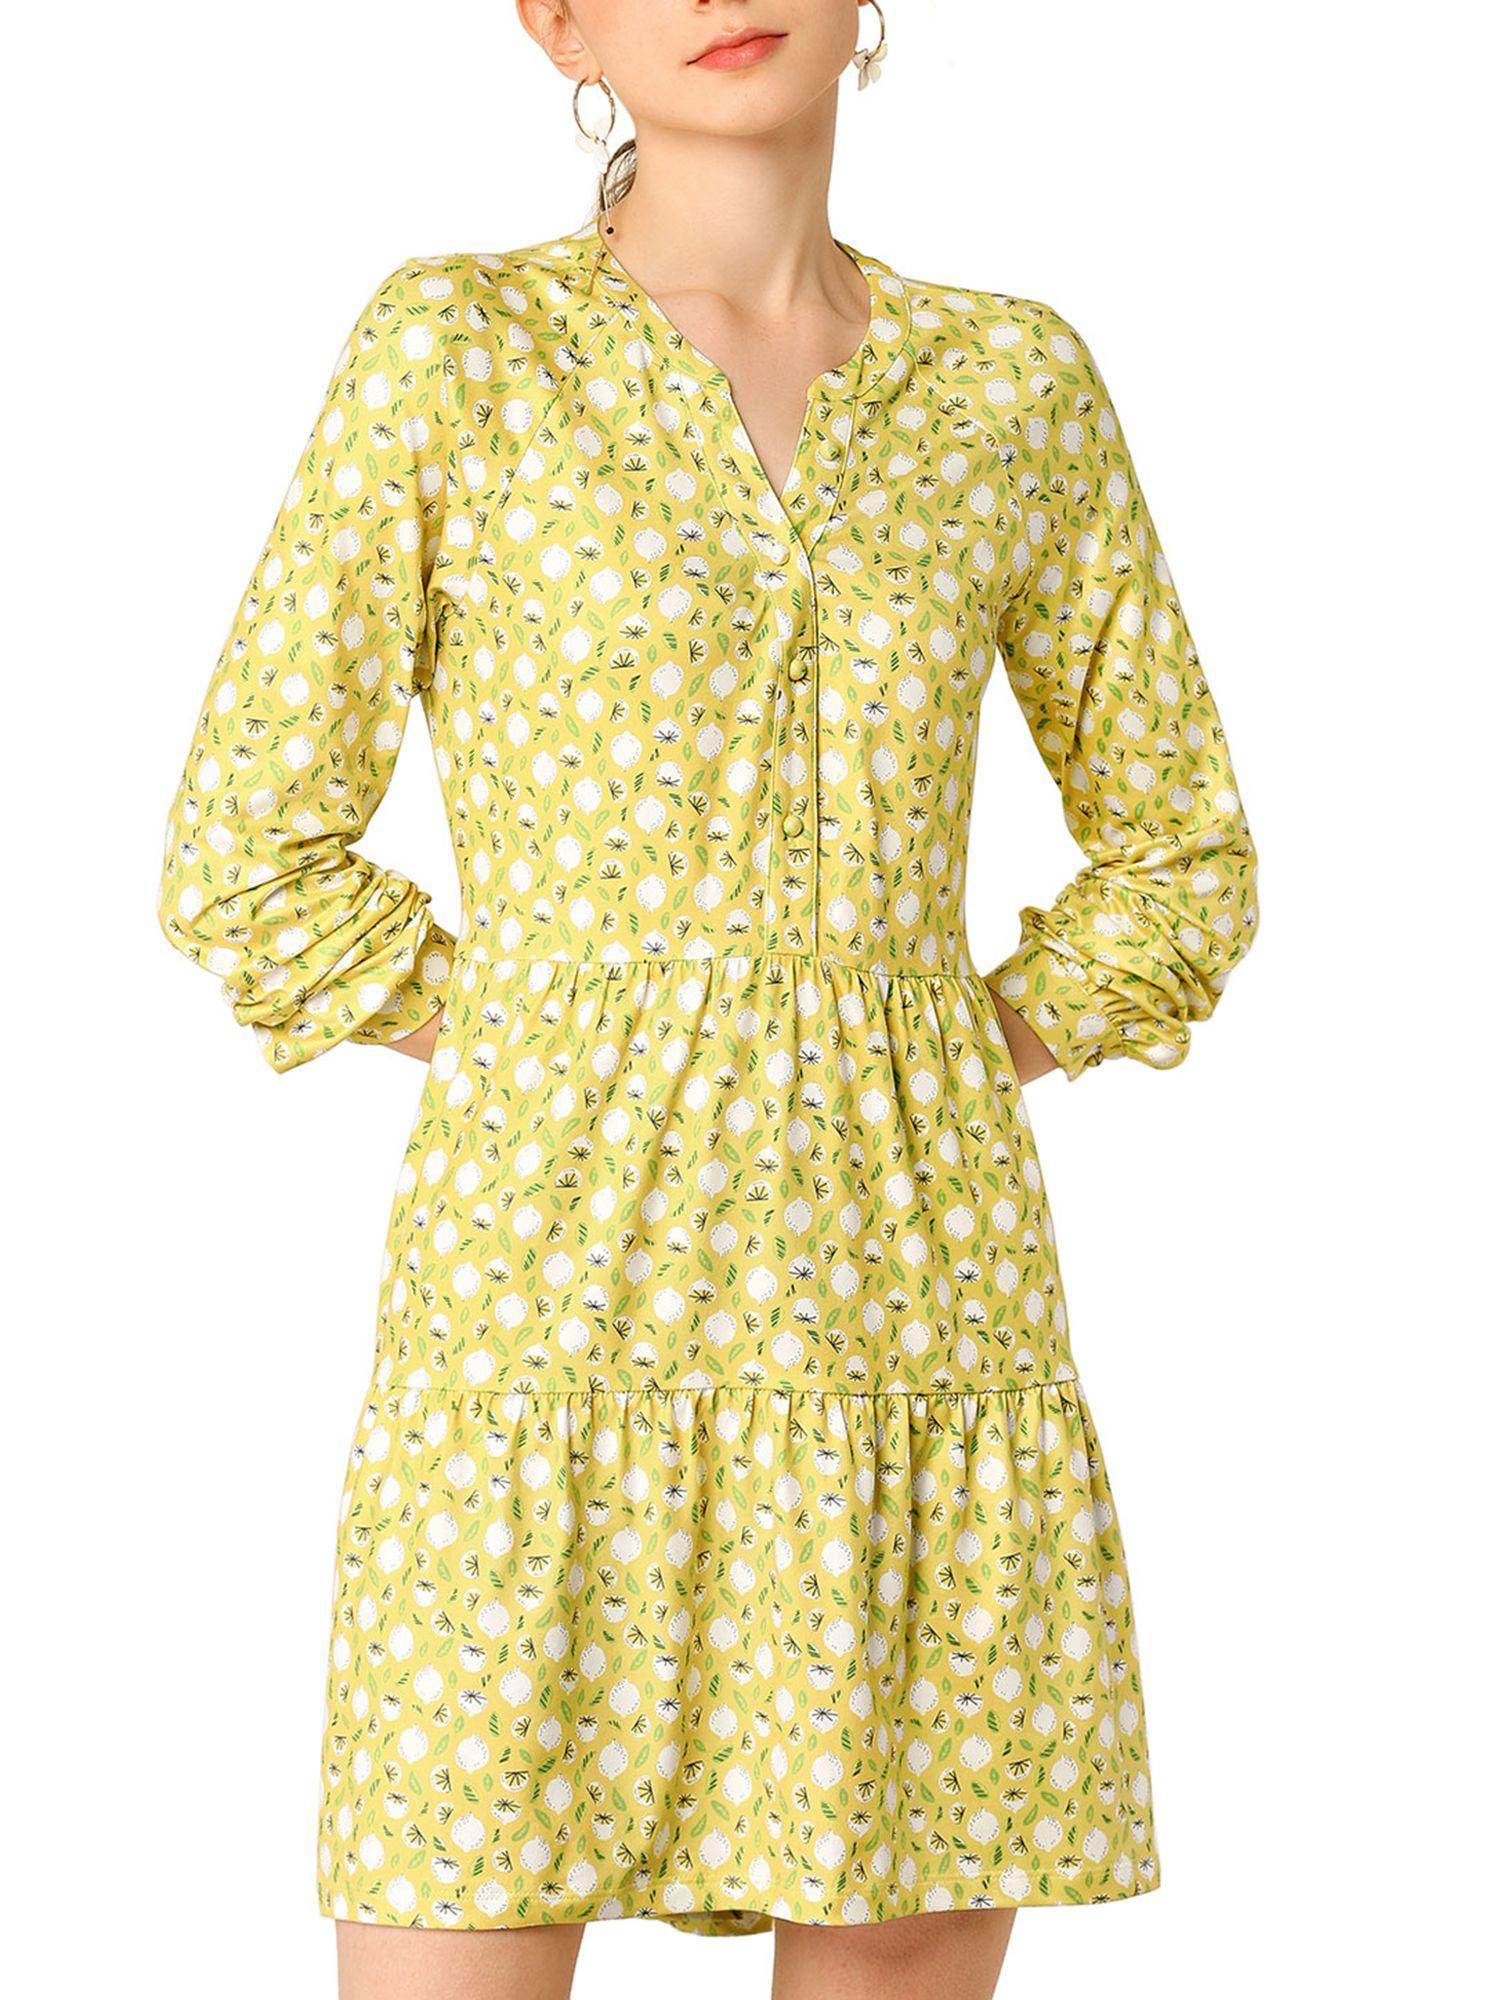 Unique Bargains Unique Bargains Women S Floral V Neck Cinched Waist Long Sleeve Dress Walmart Com Long Sleeve Dress Dresses Yellow Floral Dress [ 2000 x 1500 Pixel ]